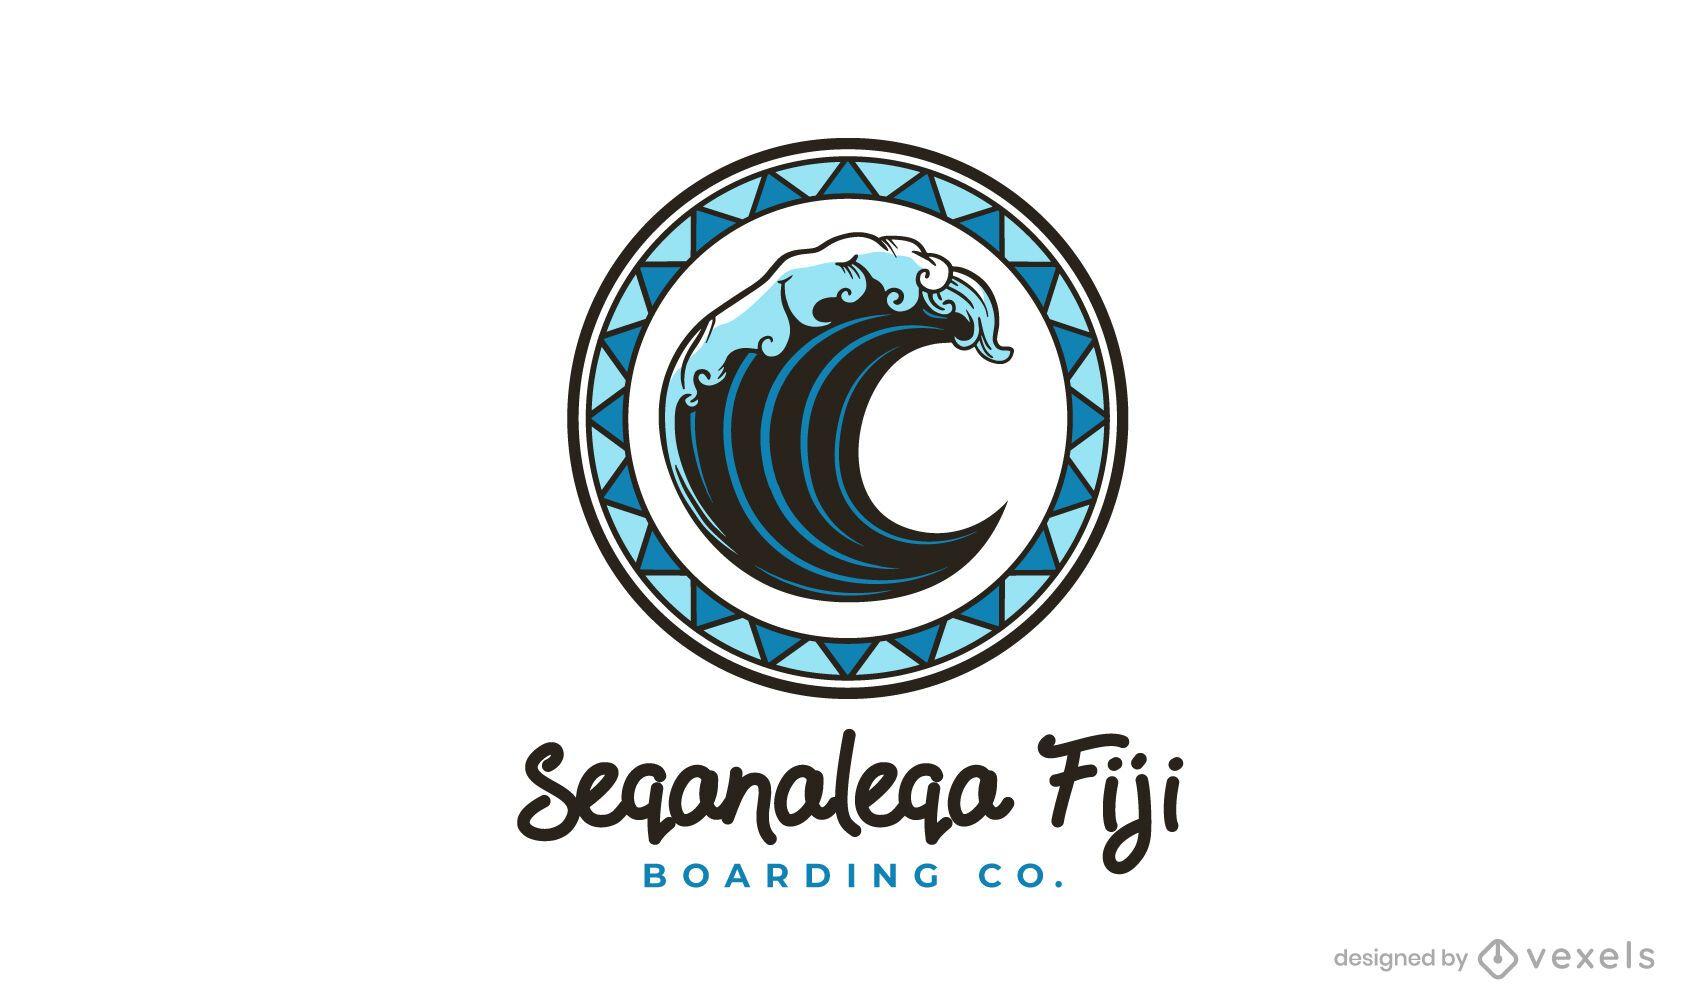 SOLICITAR plantilla de logotipo de Seqanaleqa fiji